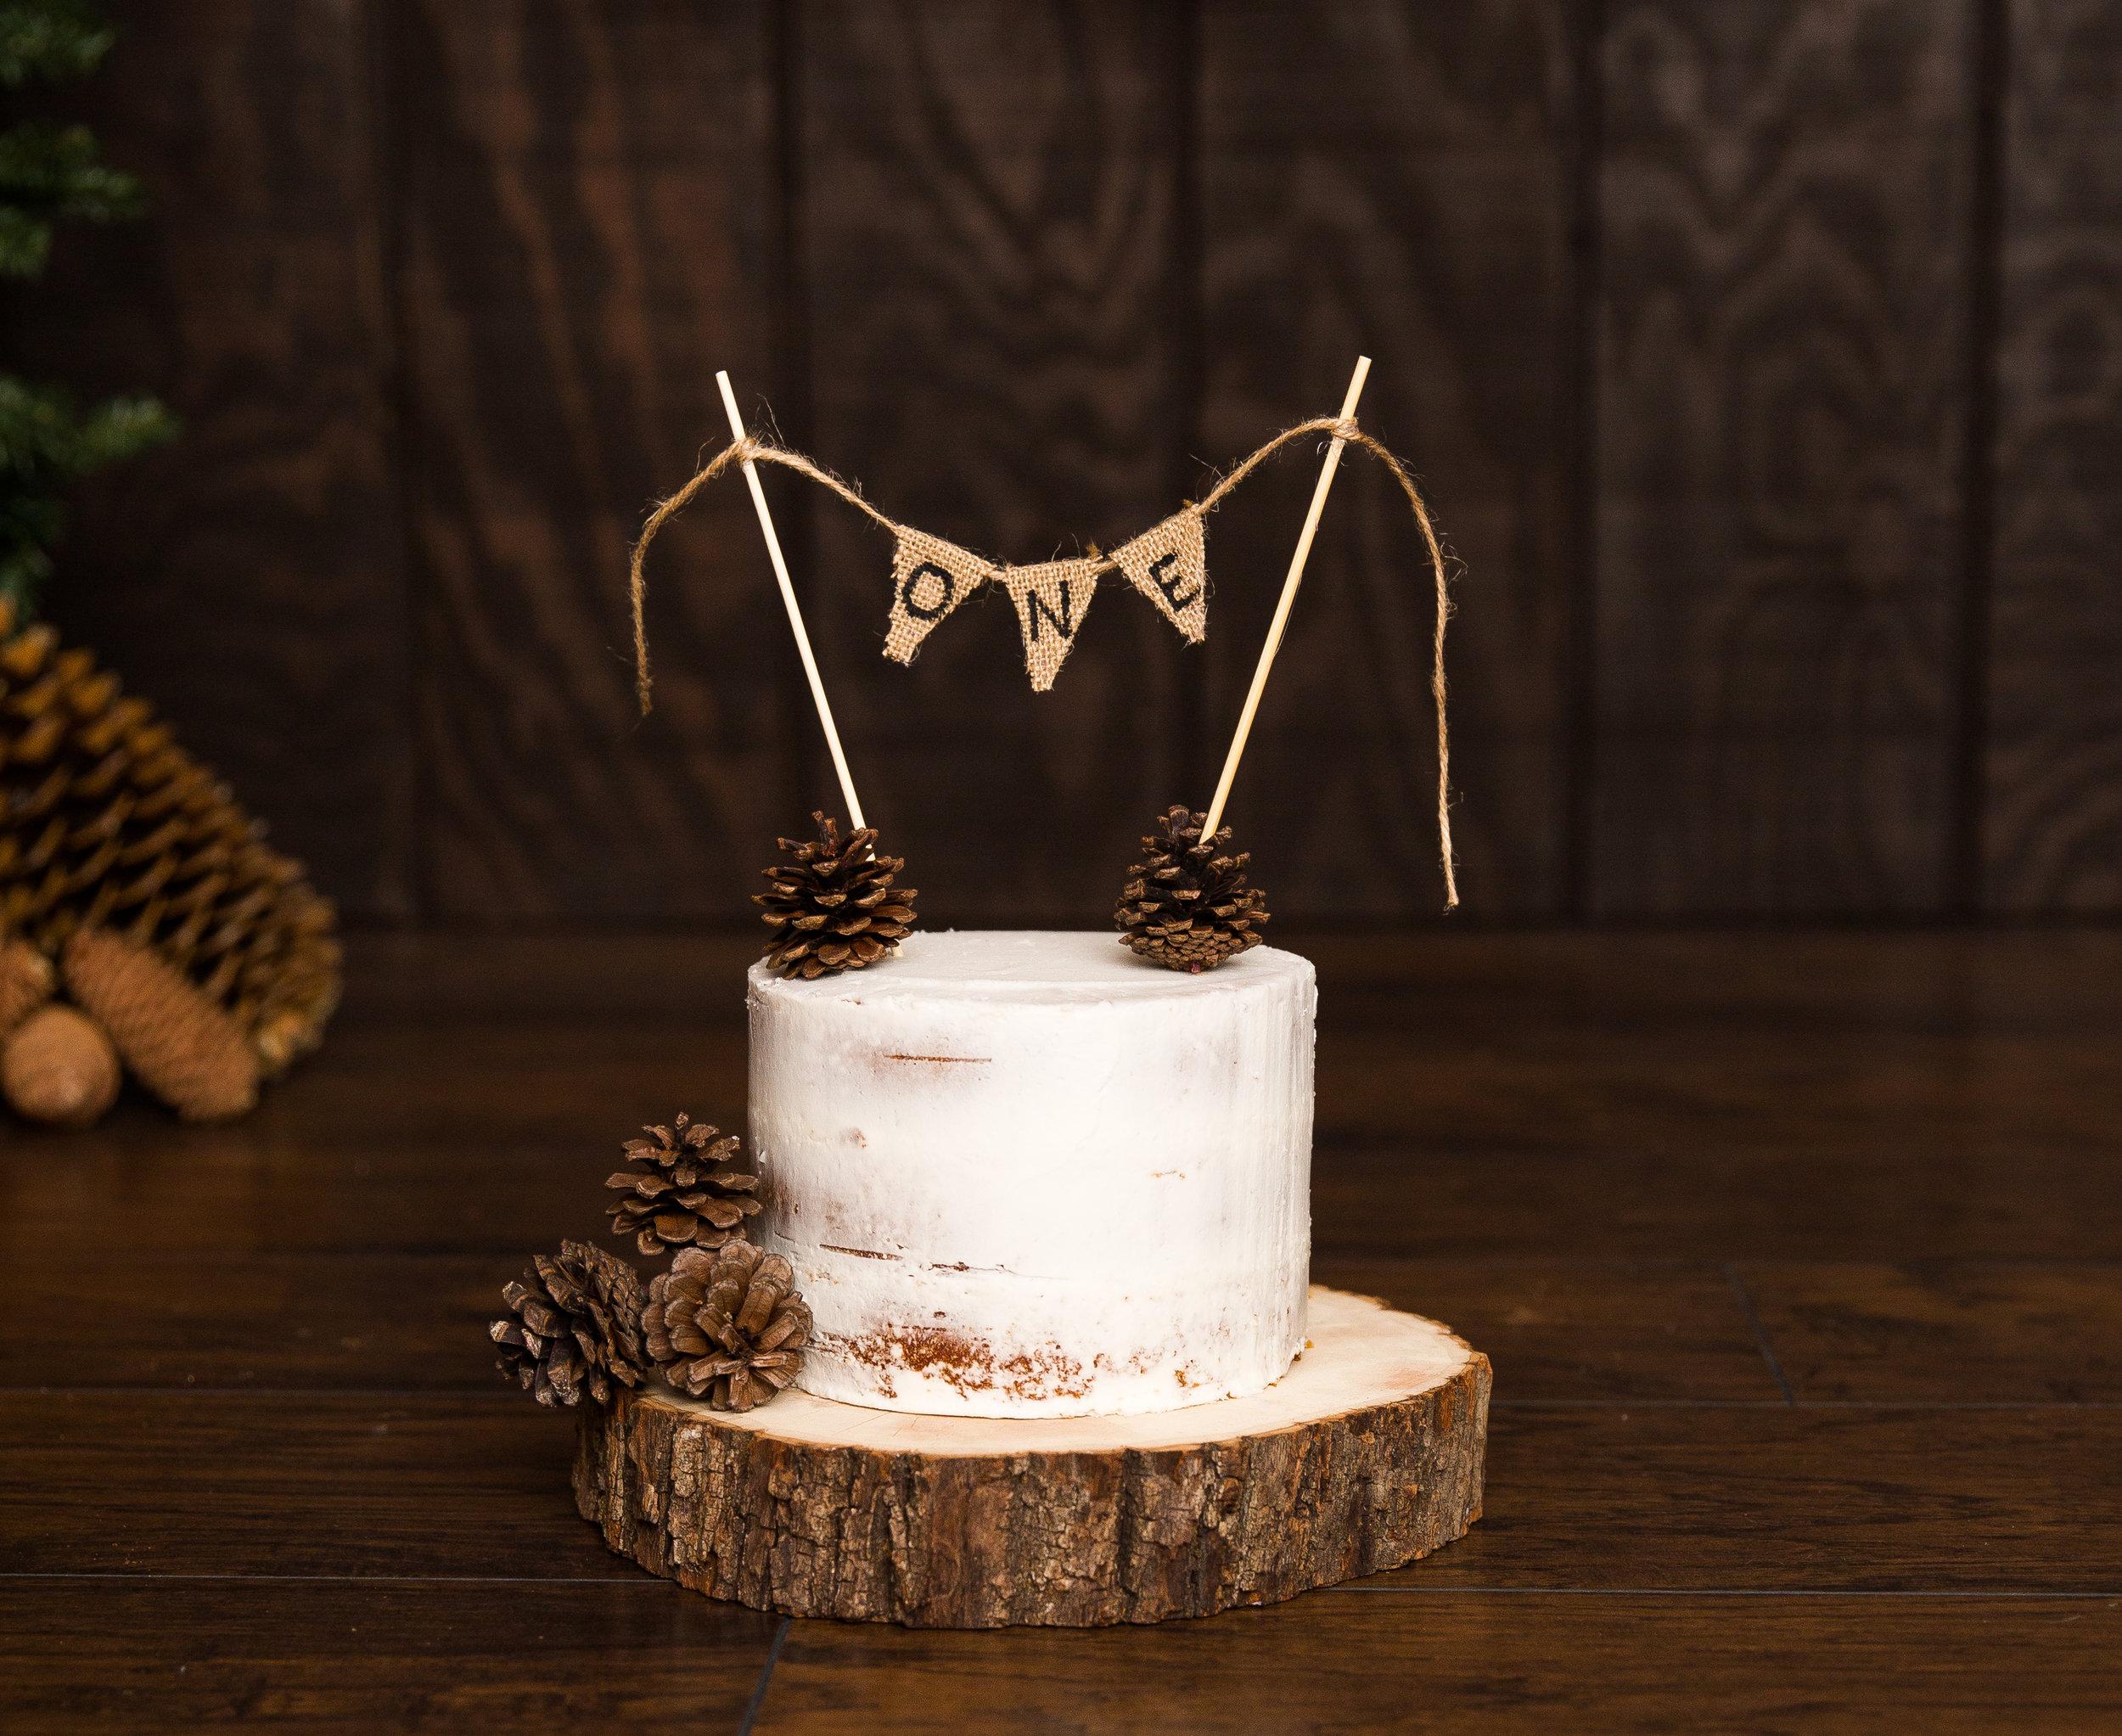 Pine Cone Cake Smash-Pine Cone Cake Smash-0009.jpg